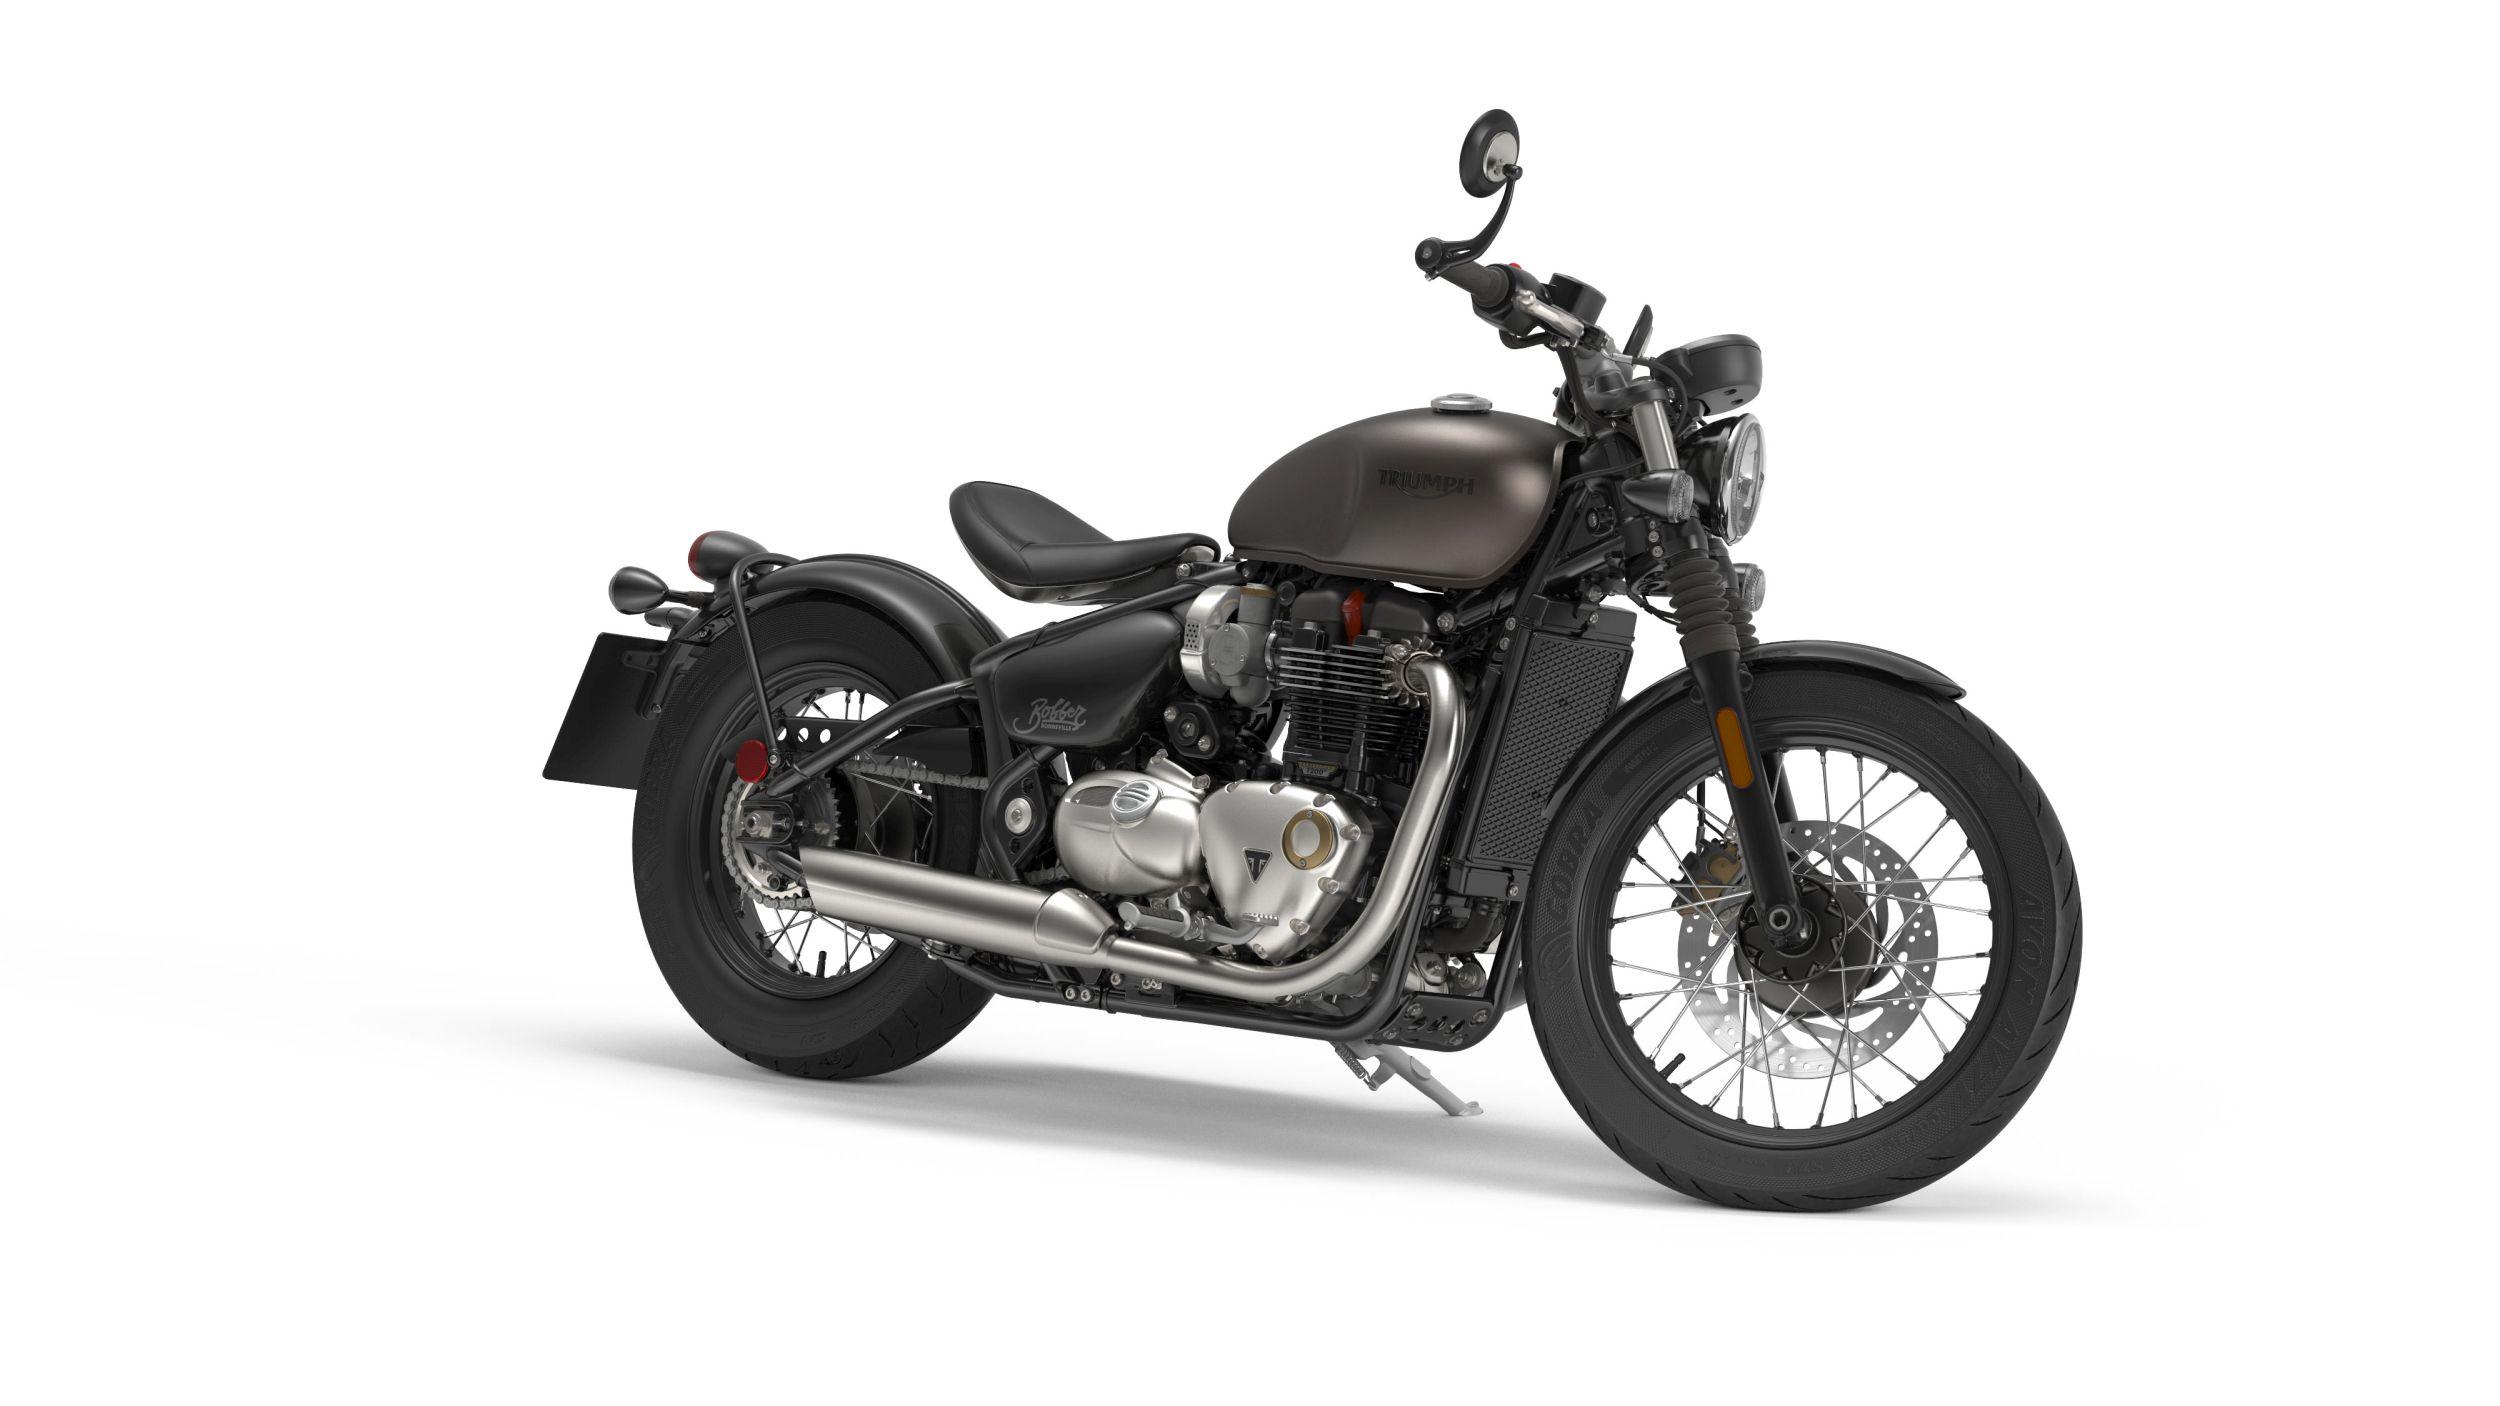 gebrauchte triumph bonneville bobber motorr der kaufen. Black Bedroom Furniture Sets. Home Design Ideas